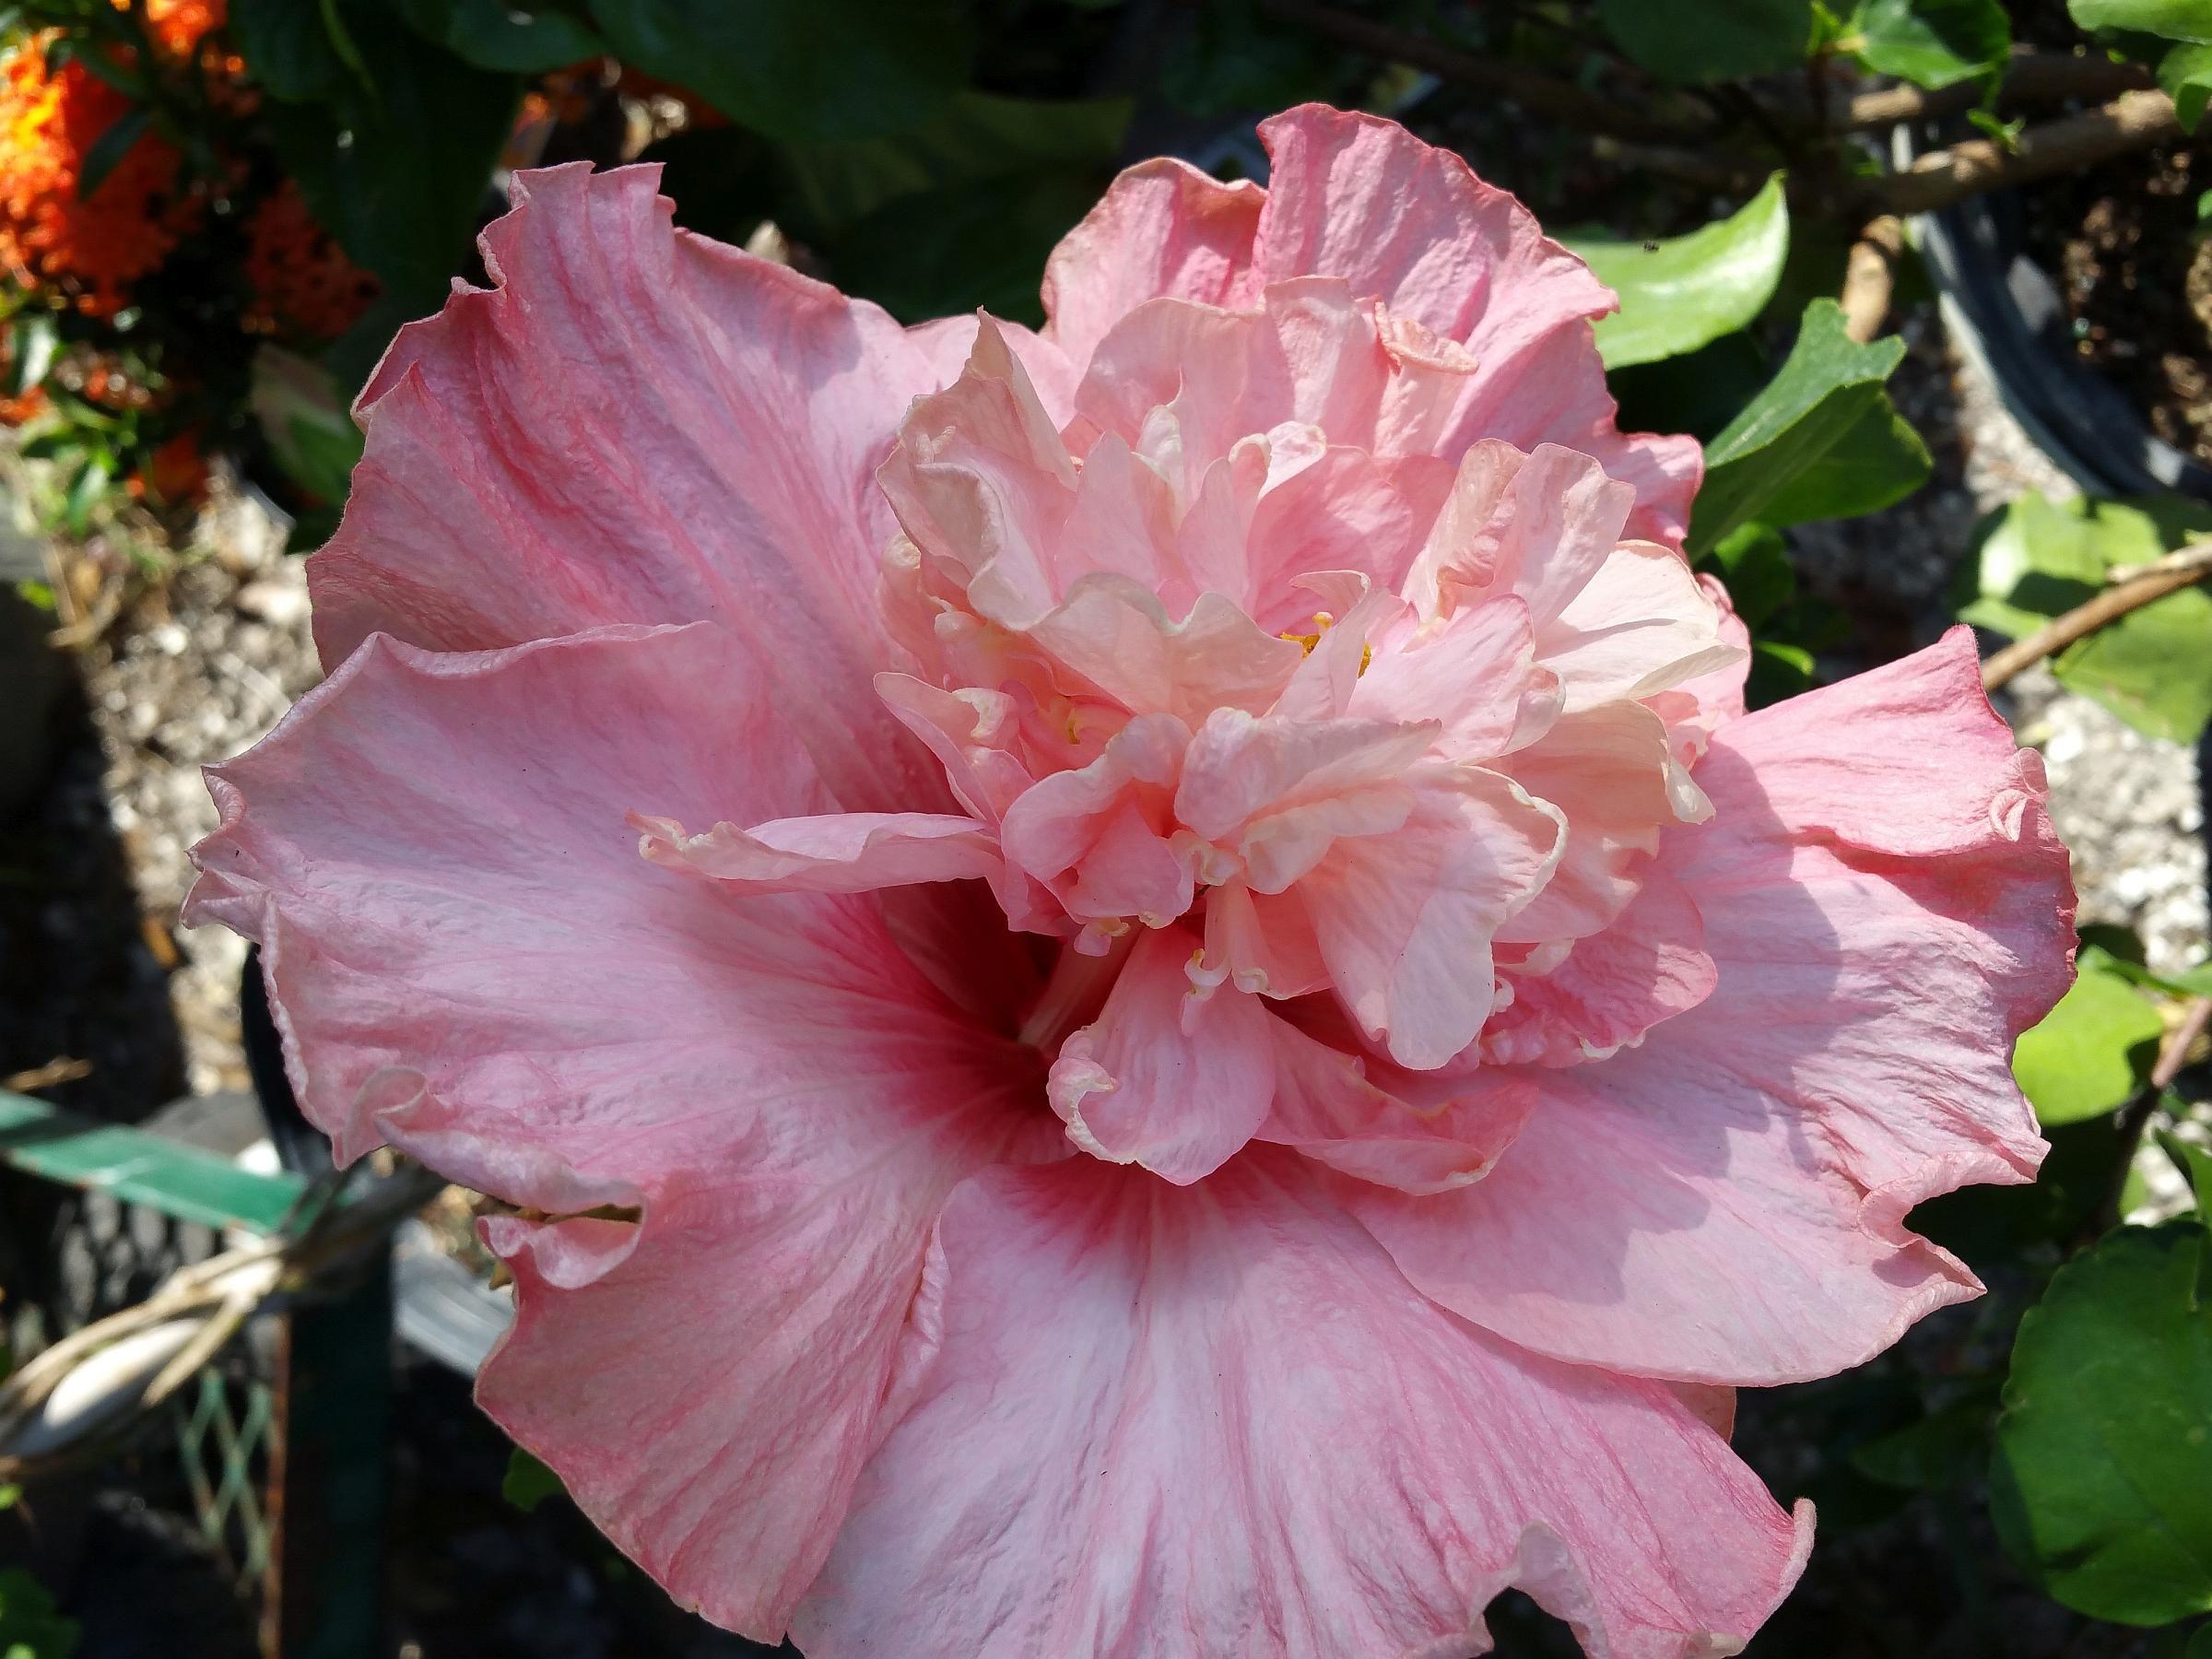 Tropical fancy exotic cajun hibiscs nectar pink double flower tropical fancy exotic cajun hibiscs nectar pink double flower izmirmasajfo Image collections